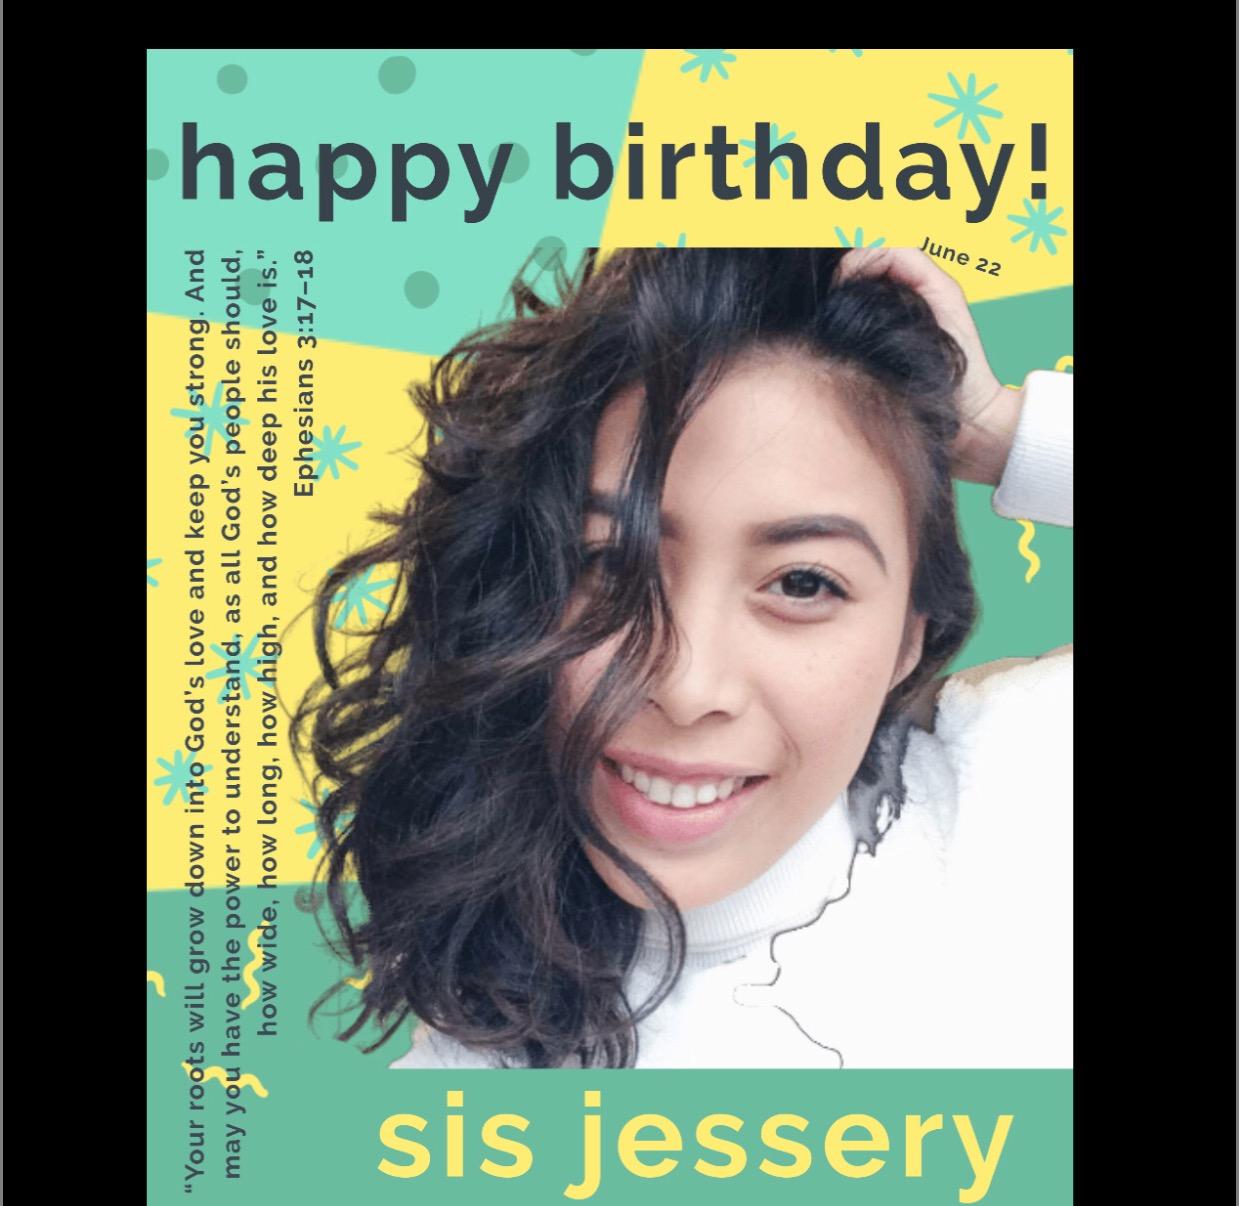 Happy Birthday our dearest Jessery.